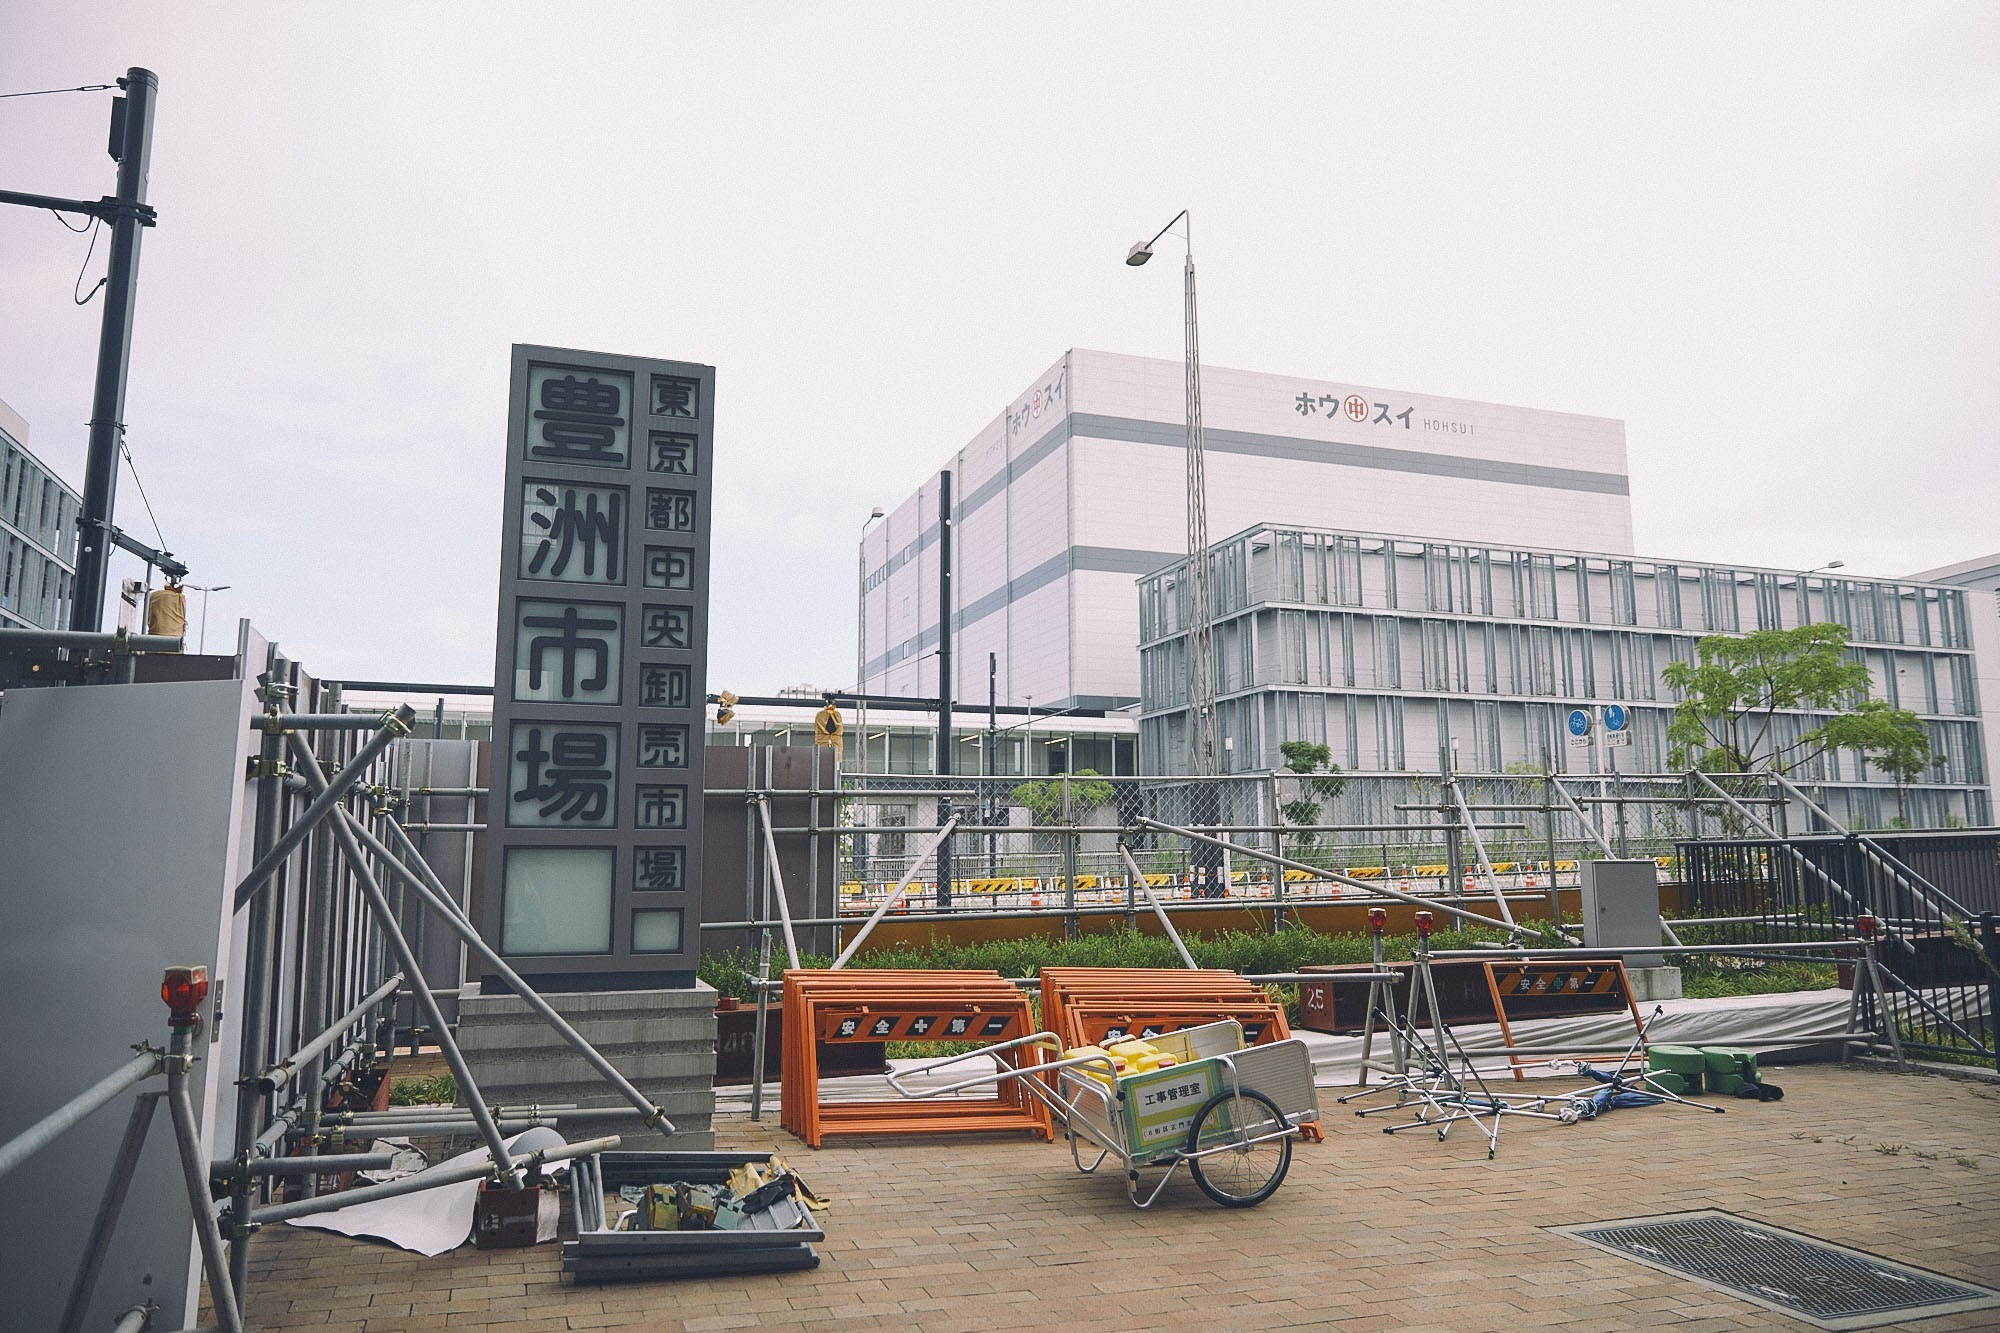 開場前の豊洲市場の写真